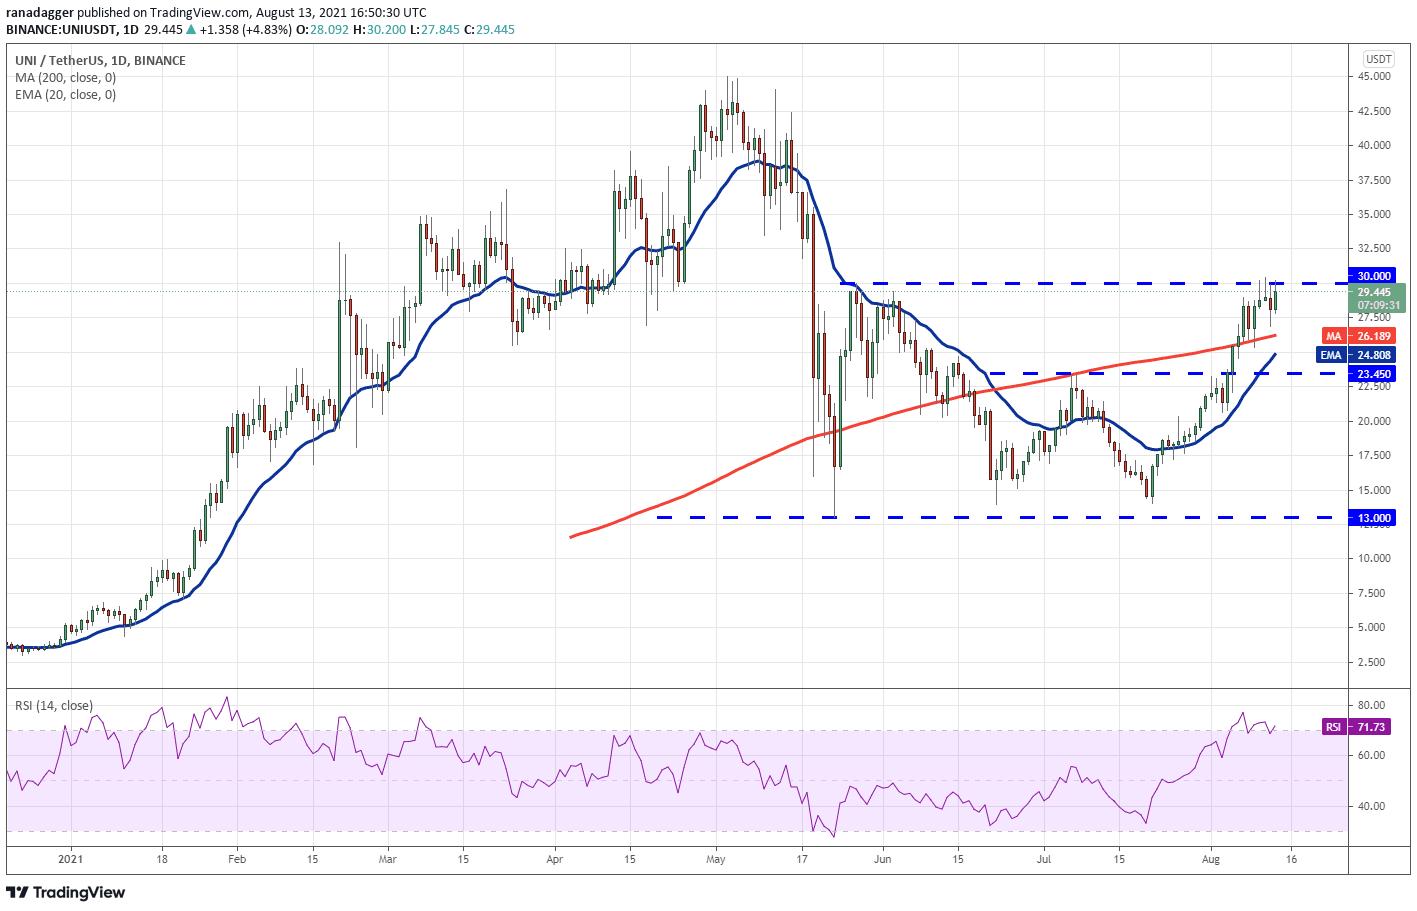 تحلیل قیمت ارز دیجیتال یونی سواپ - 23 مرداد 1400